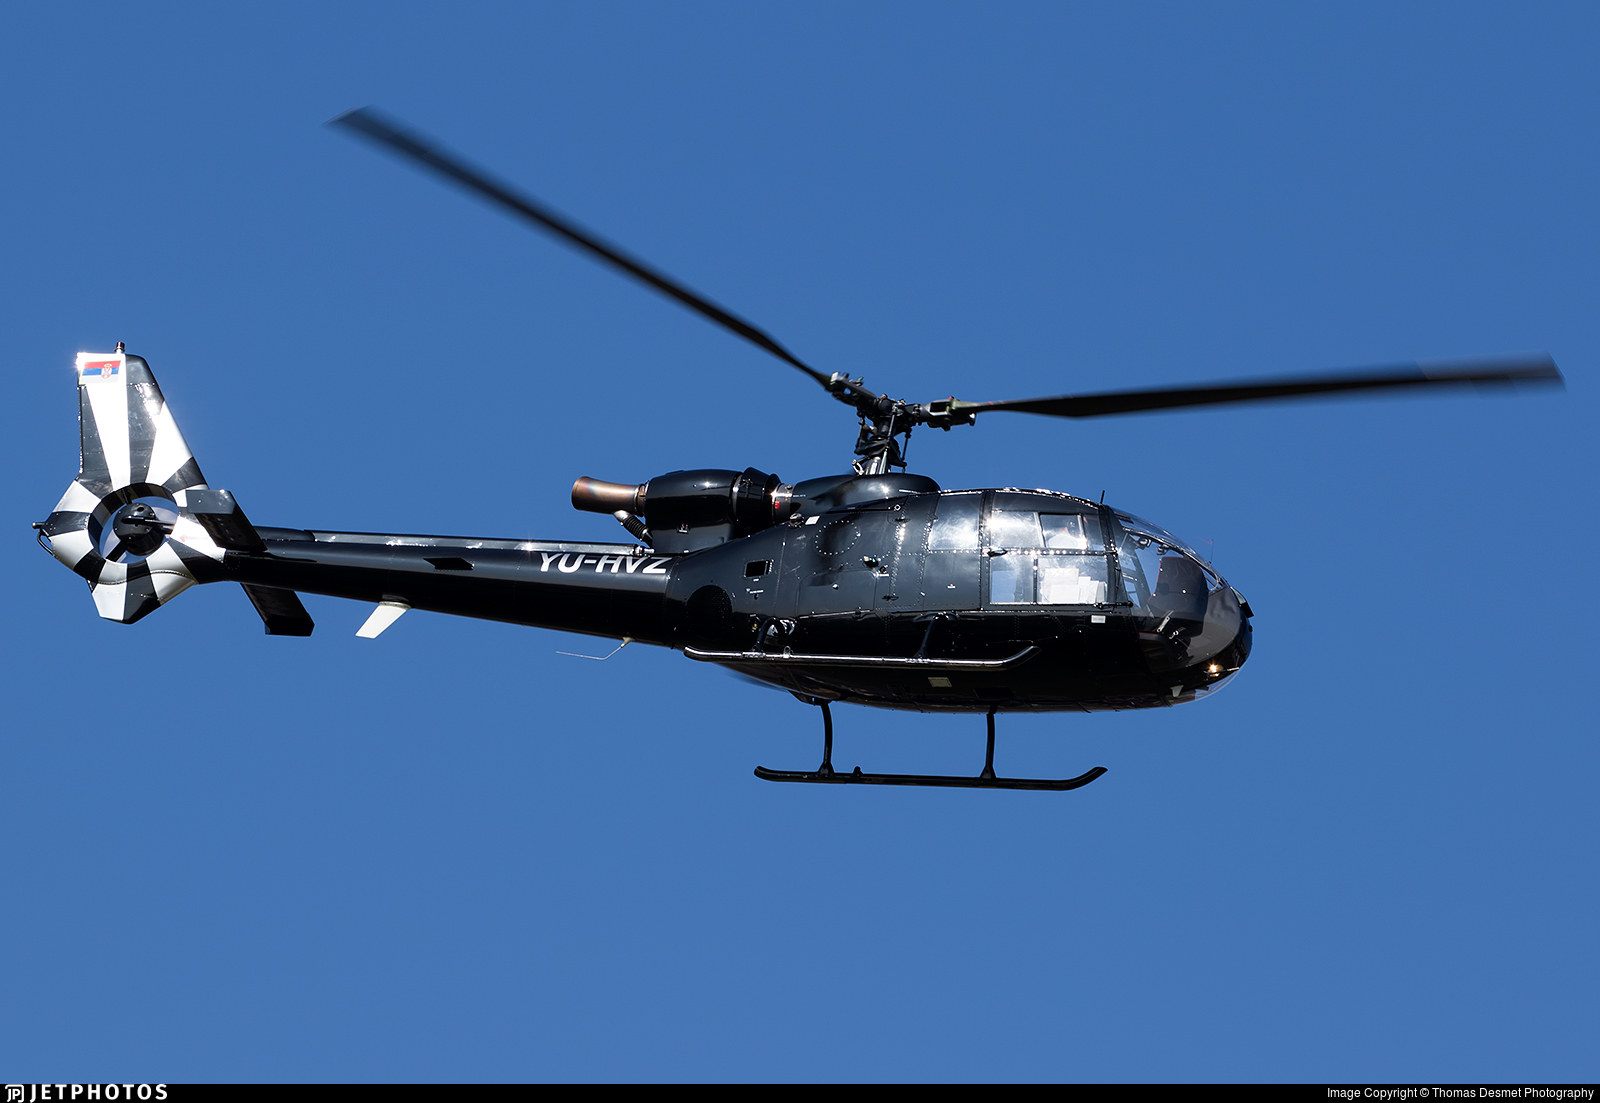 YU-HVZ - Aérospatiale SA 341G Gazelle  - Private